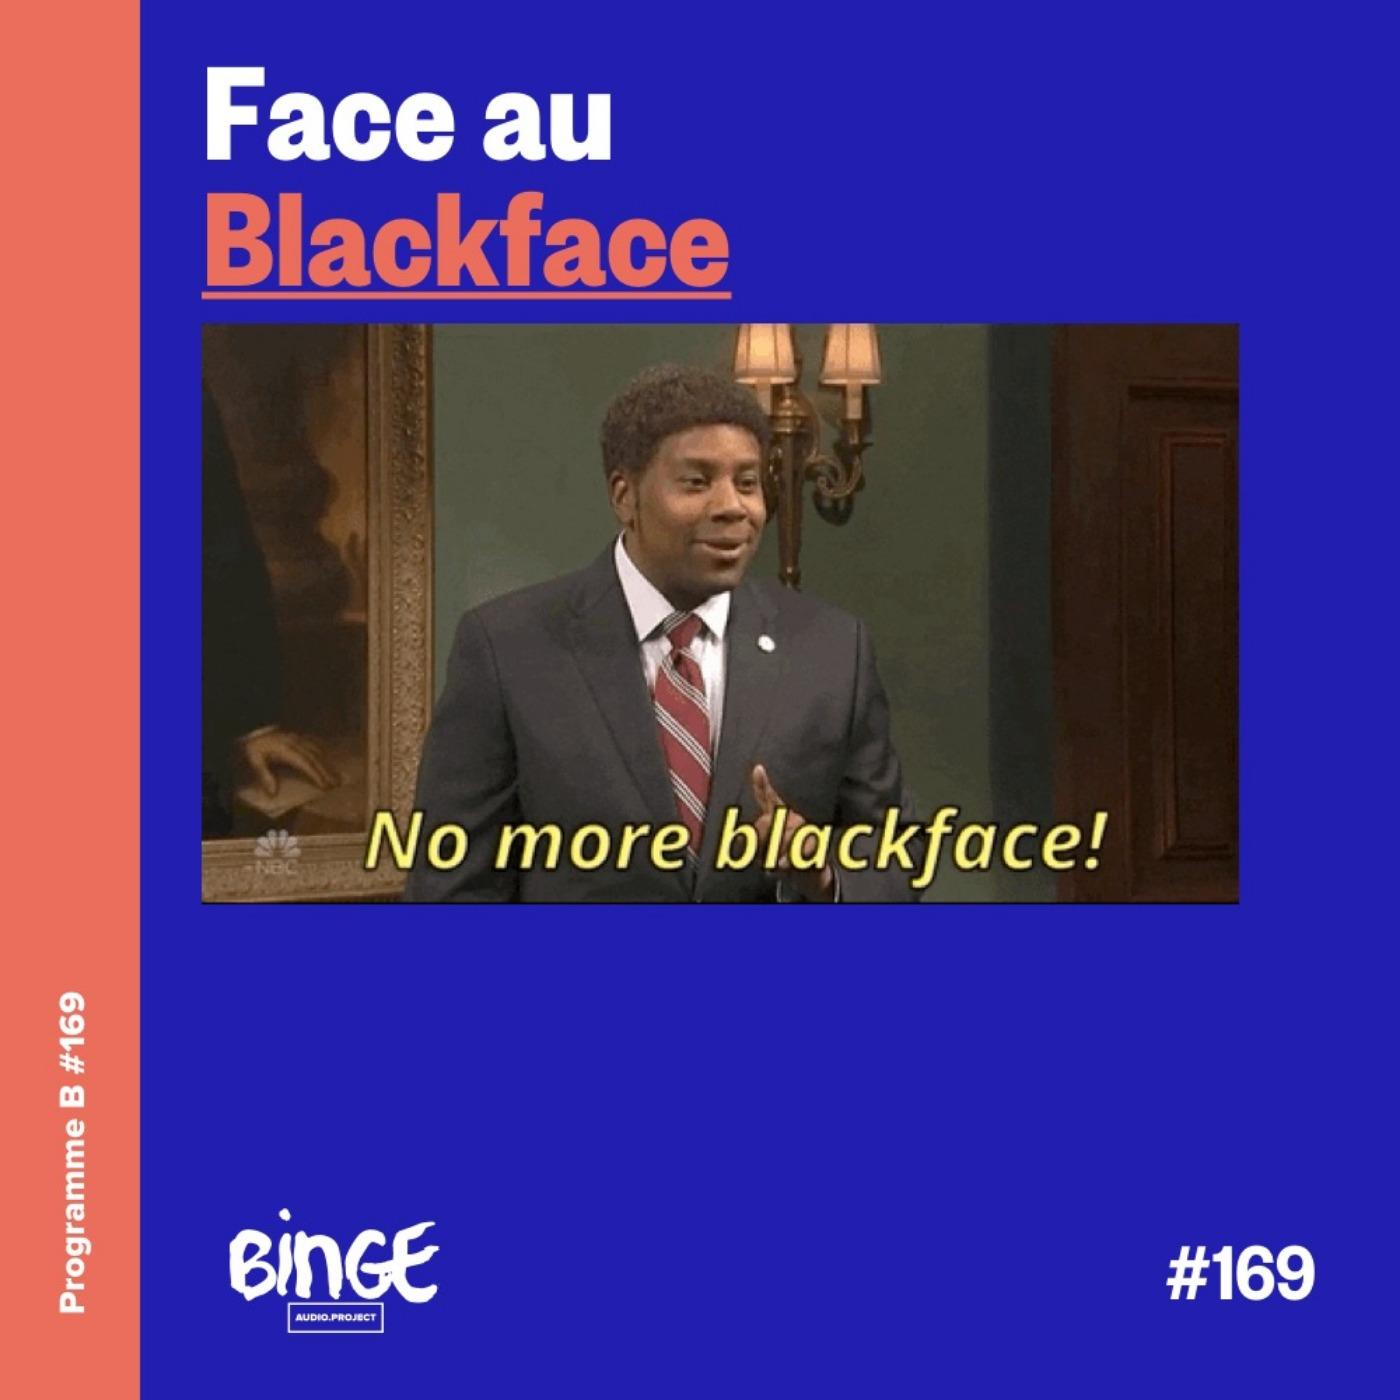 Face au blackface